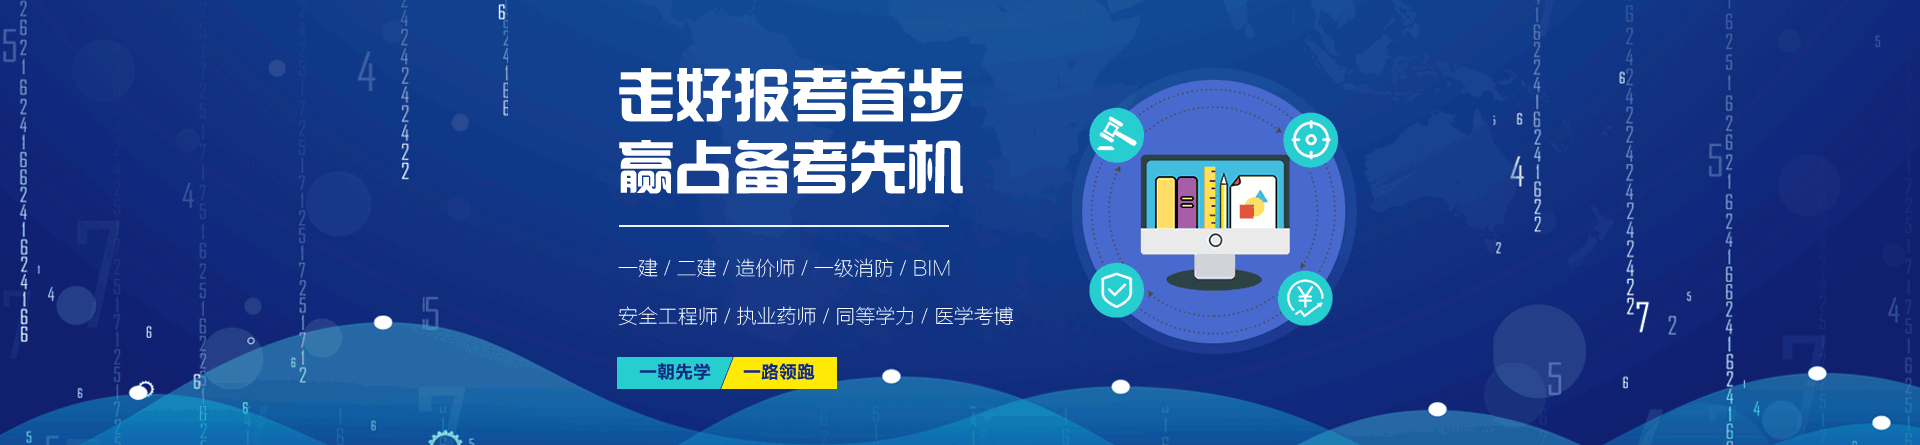 河北涿州优路教育培训学校